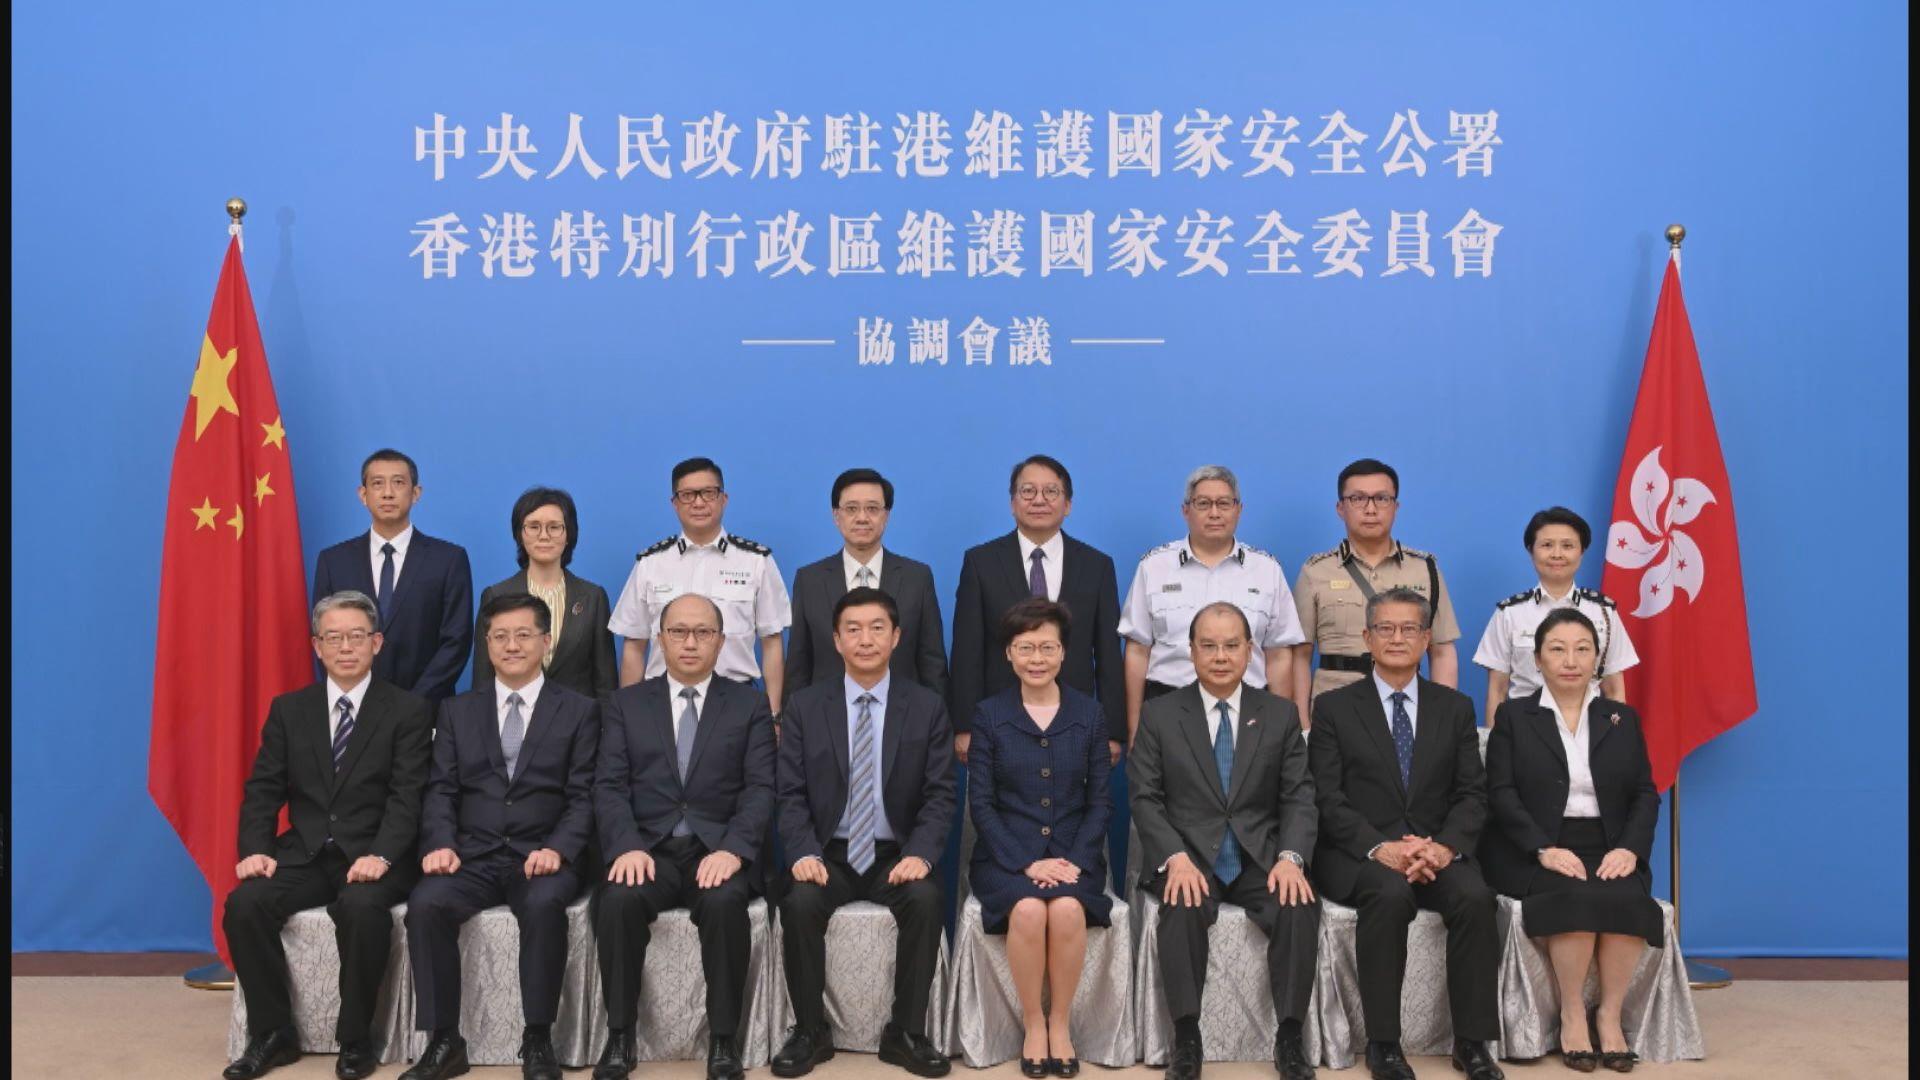 駐港國安公署與香港特區國安委舉行協調會議